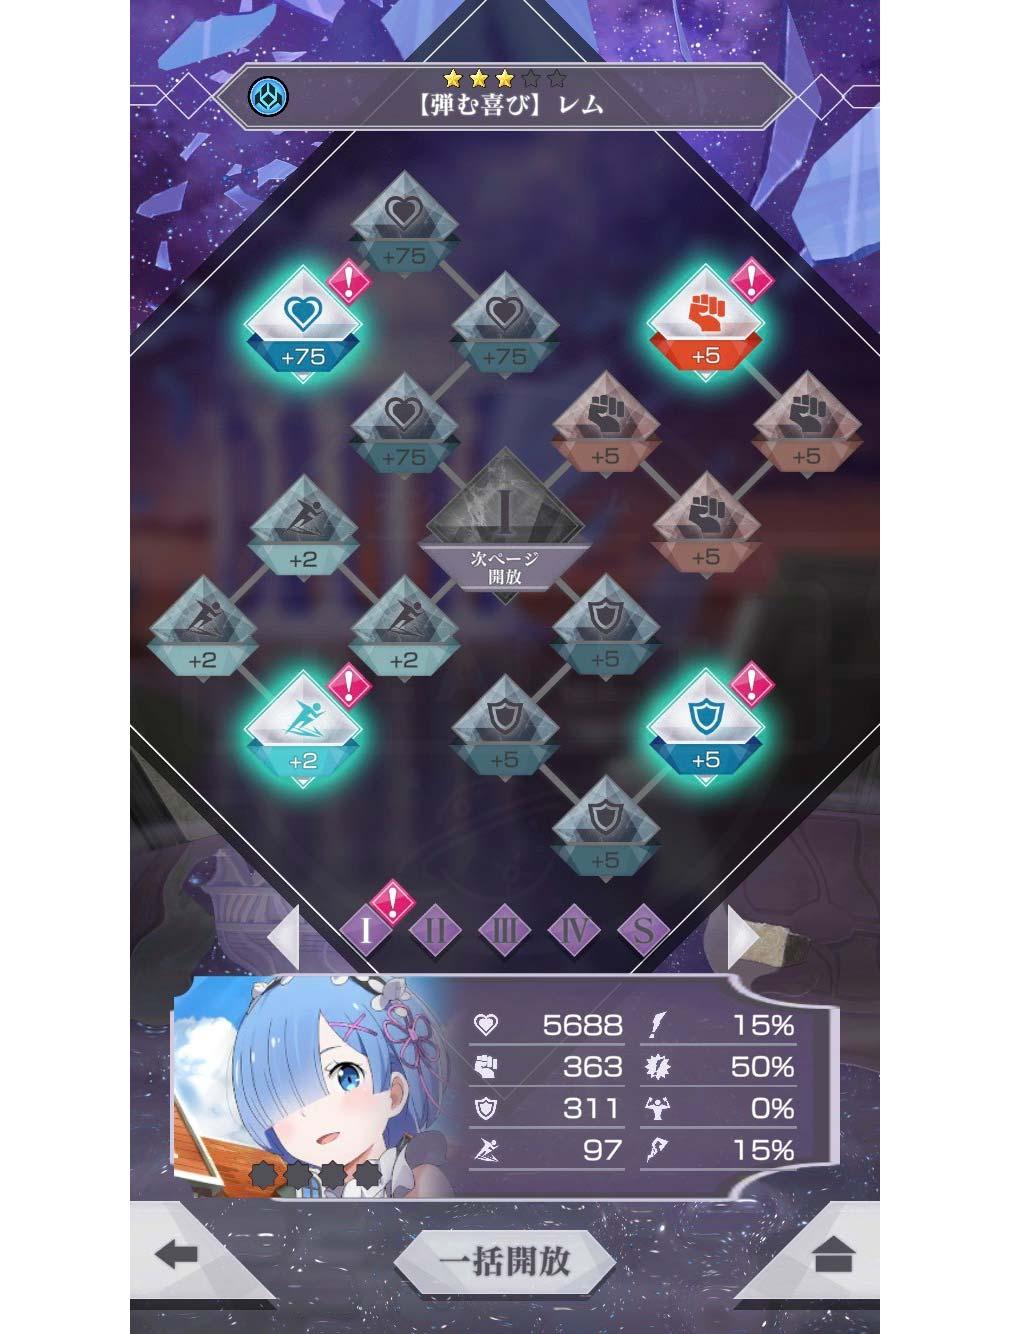 Re:ゼロから始める異世界生活 Lost in Memories(リゼロス) 『メモリーボード』開放スクリーンショット